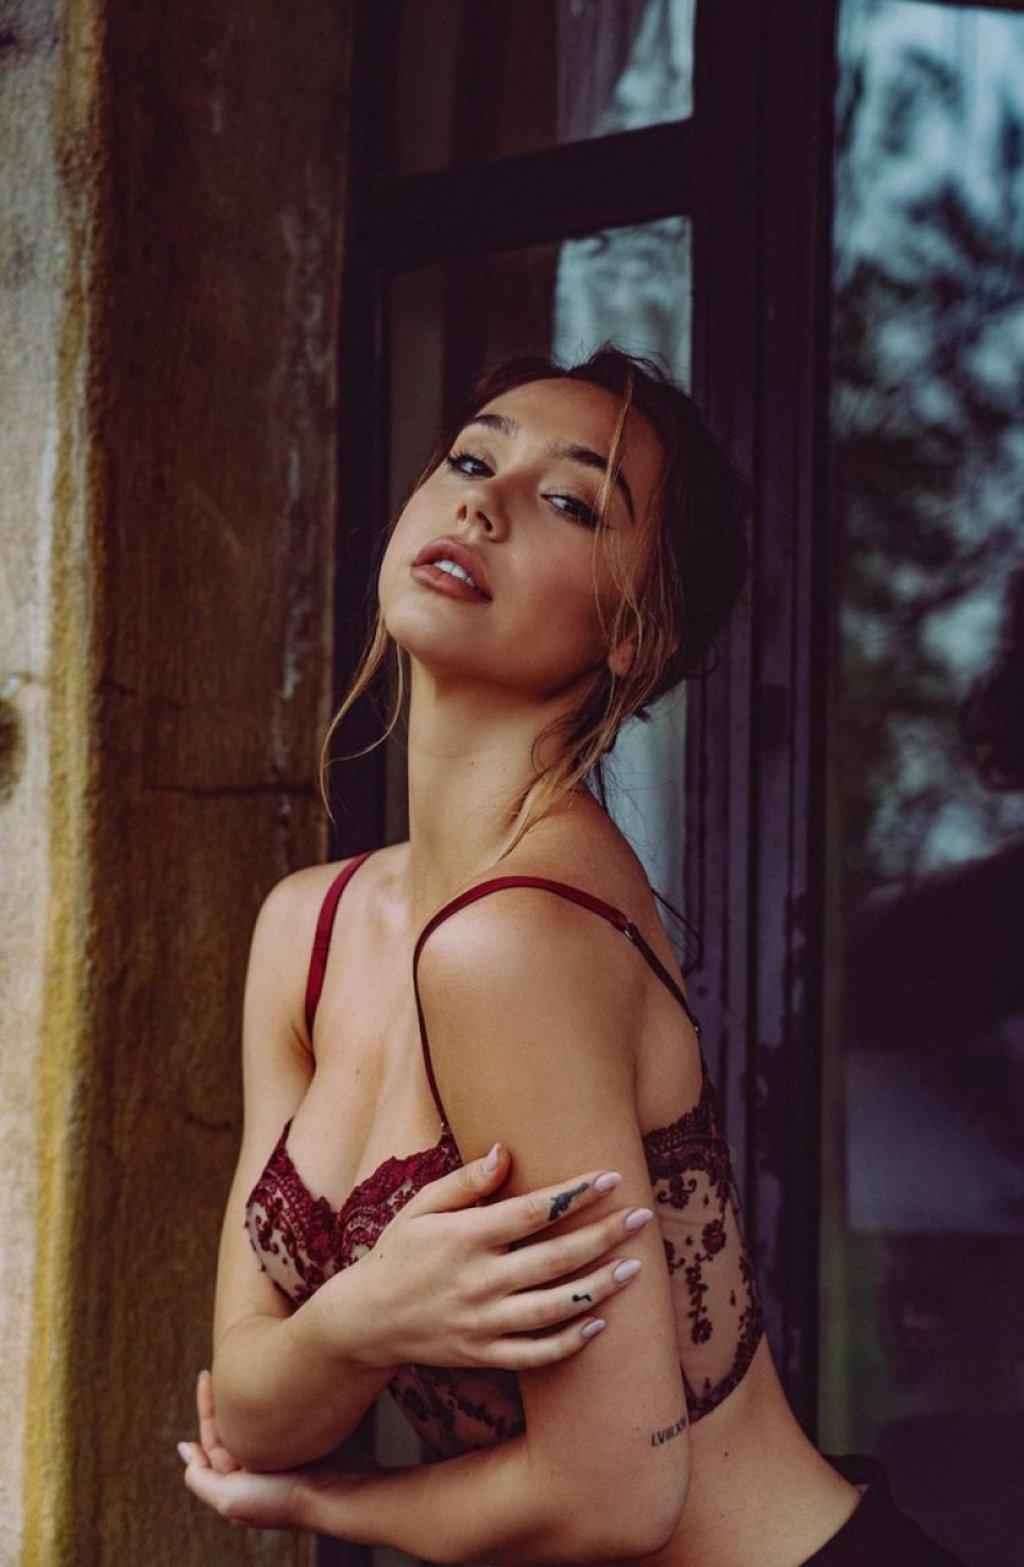 Alexis Ren Sexy & Topless (21 Photos)